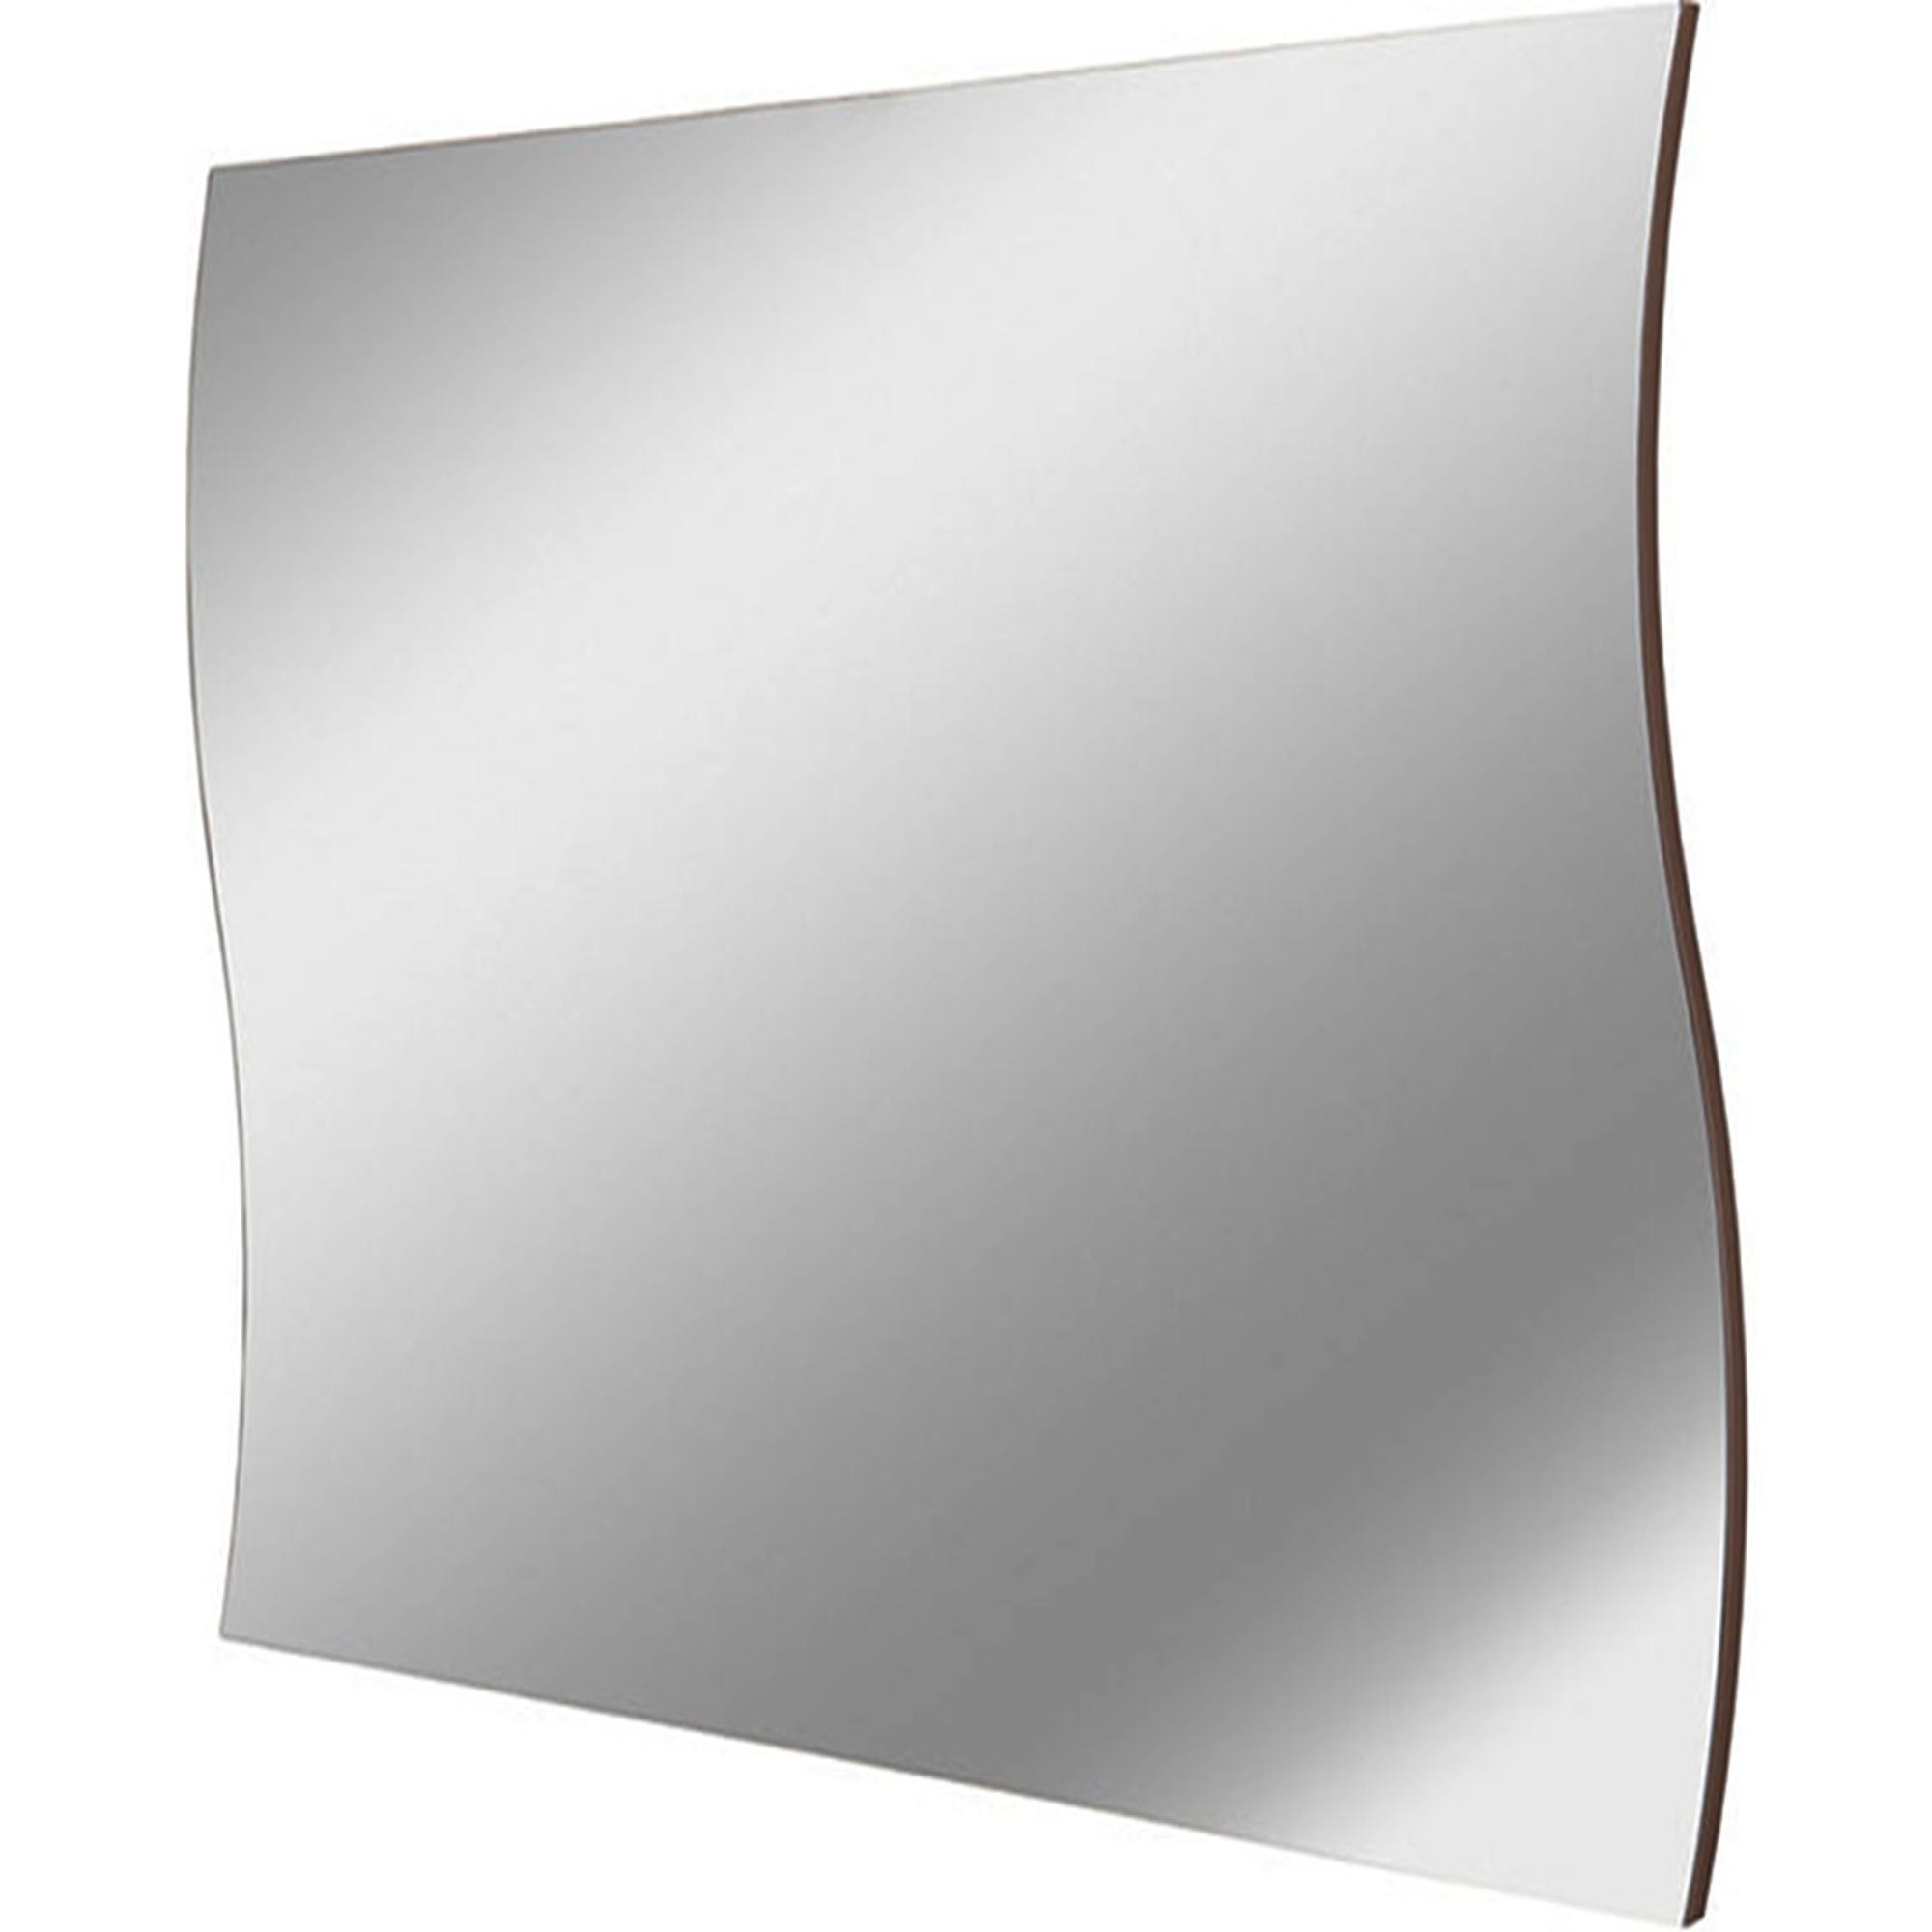 Specchio da Muro ONDA 71x2x60cm con Bordo laterale Nero | Tecnos ...